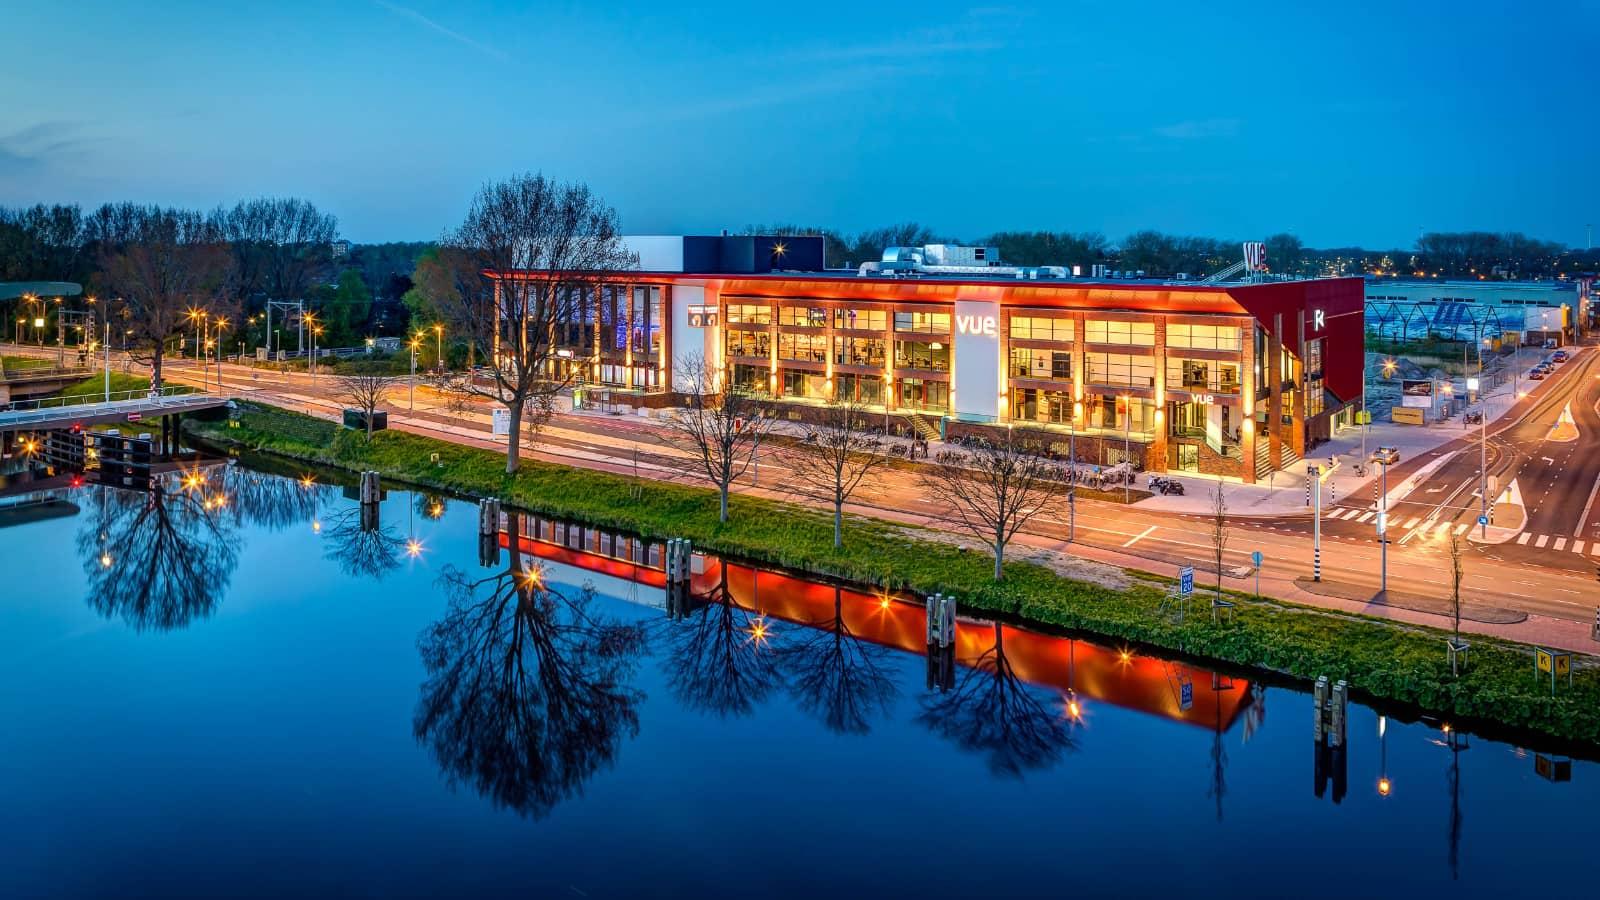 foto: © Jaap Lotstra - architectuur gebouw met reflecties in het water, schemering